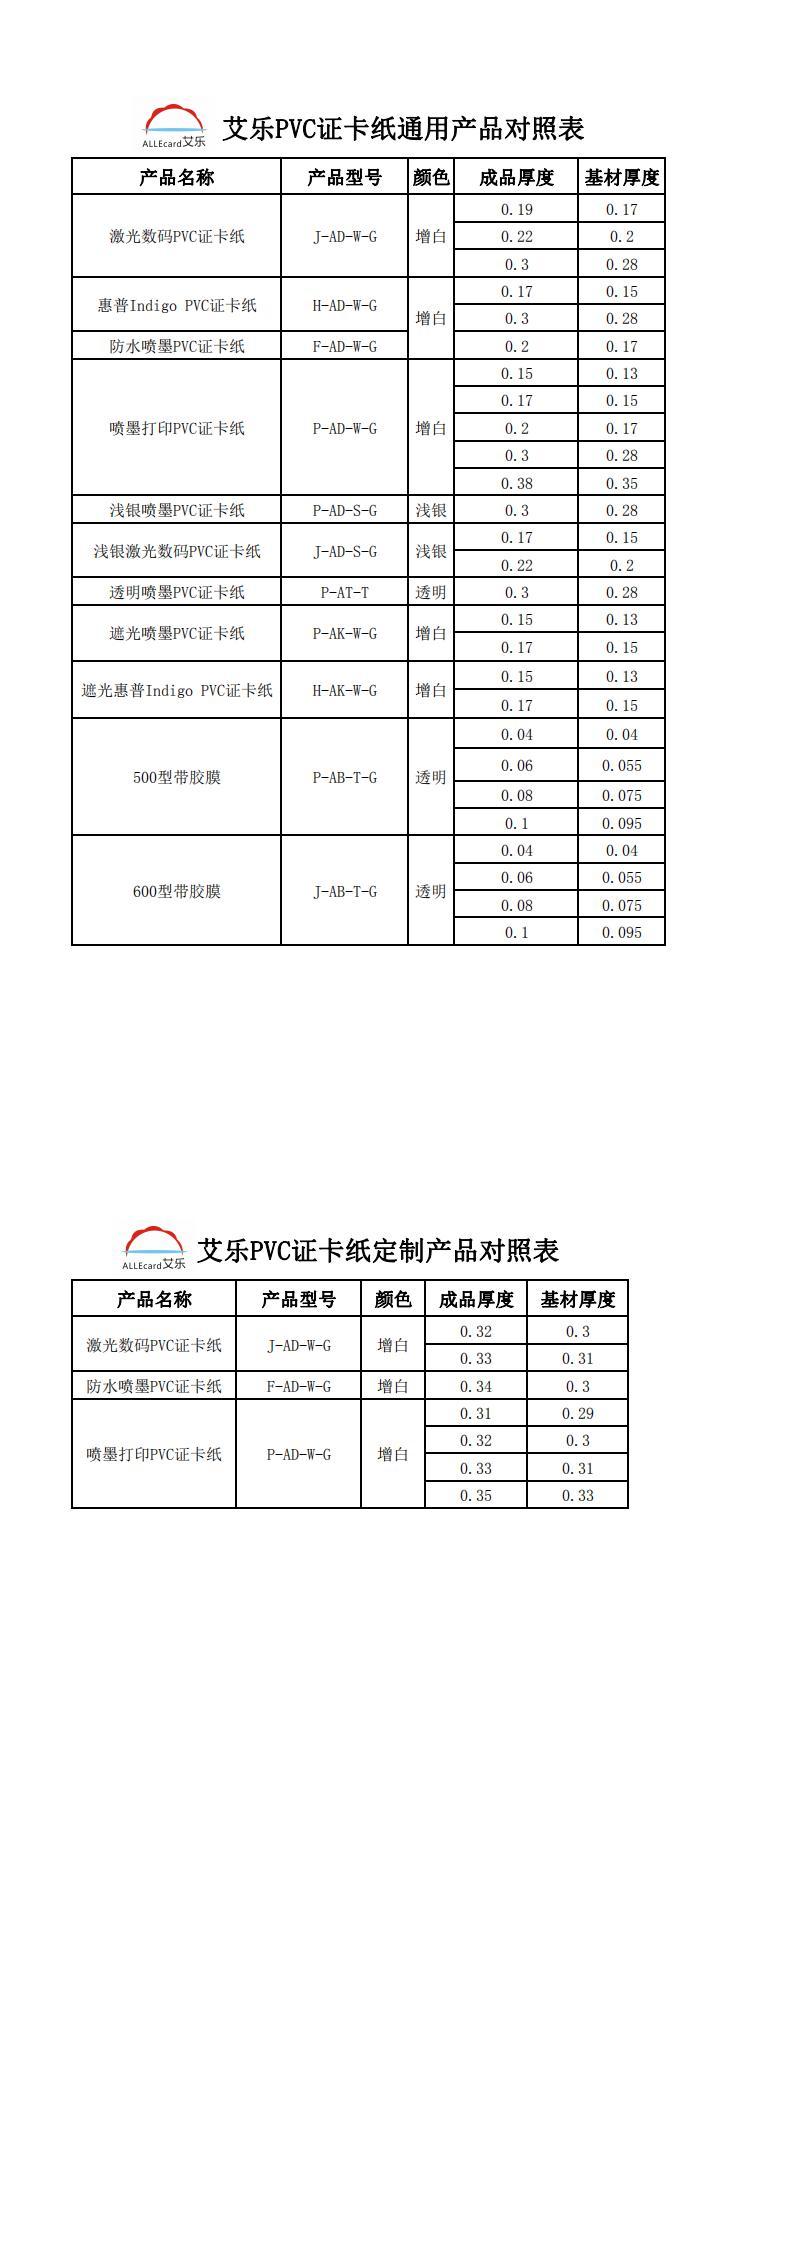 上海艾乐产品.jpg